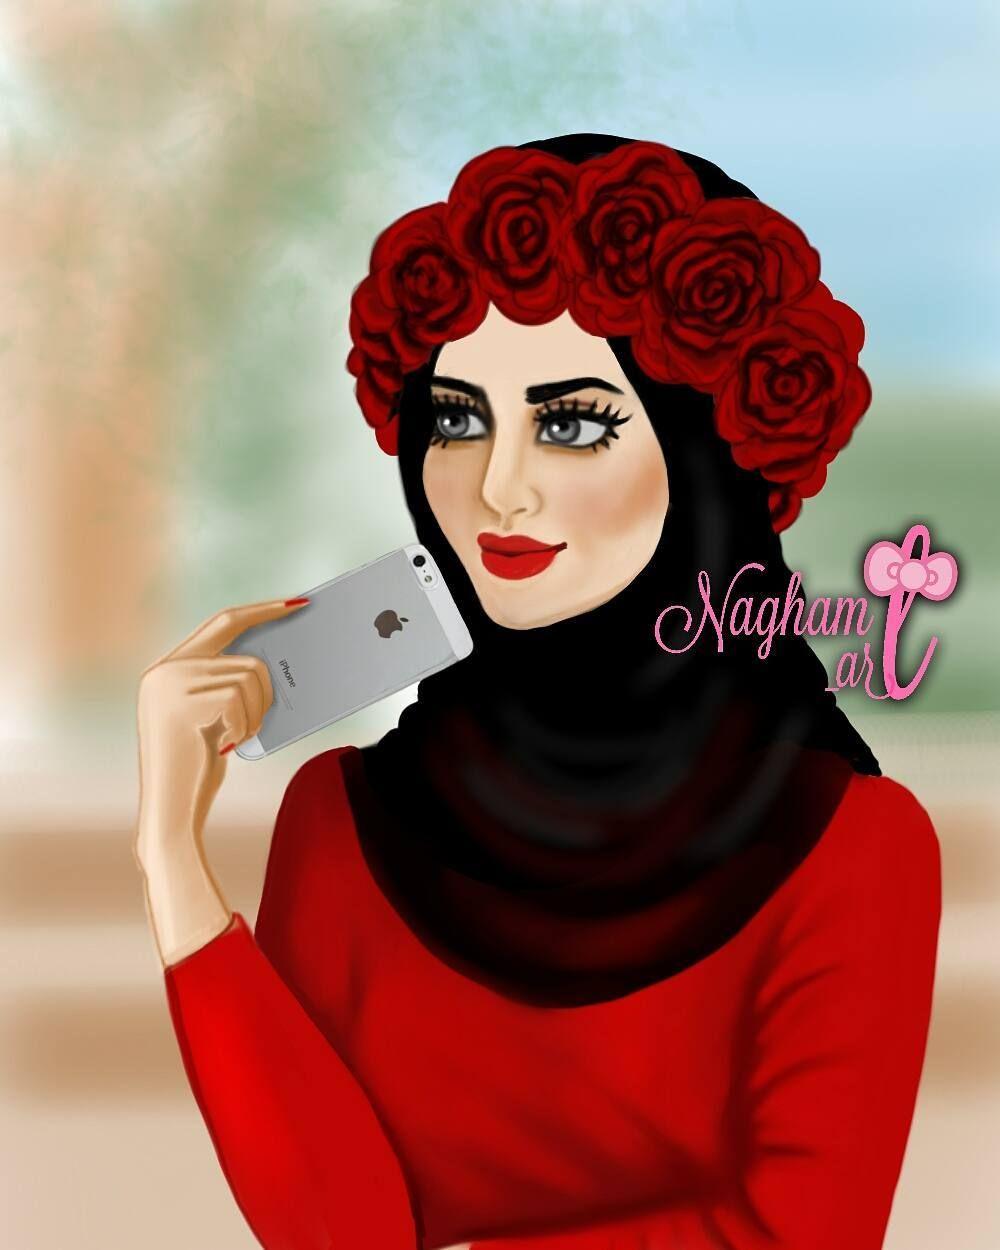 بالصور صور بنات كيوت محجبات , اجمل البنات المحجبات 5589 5